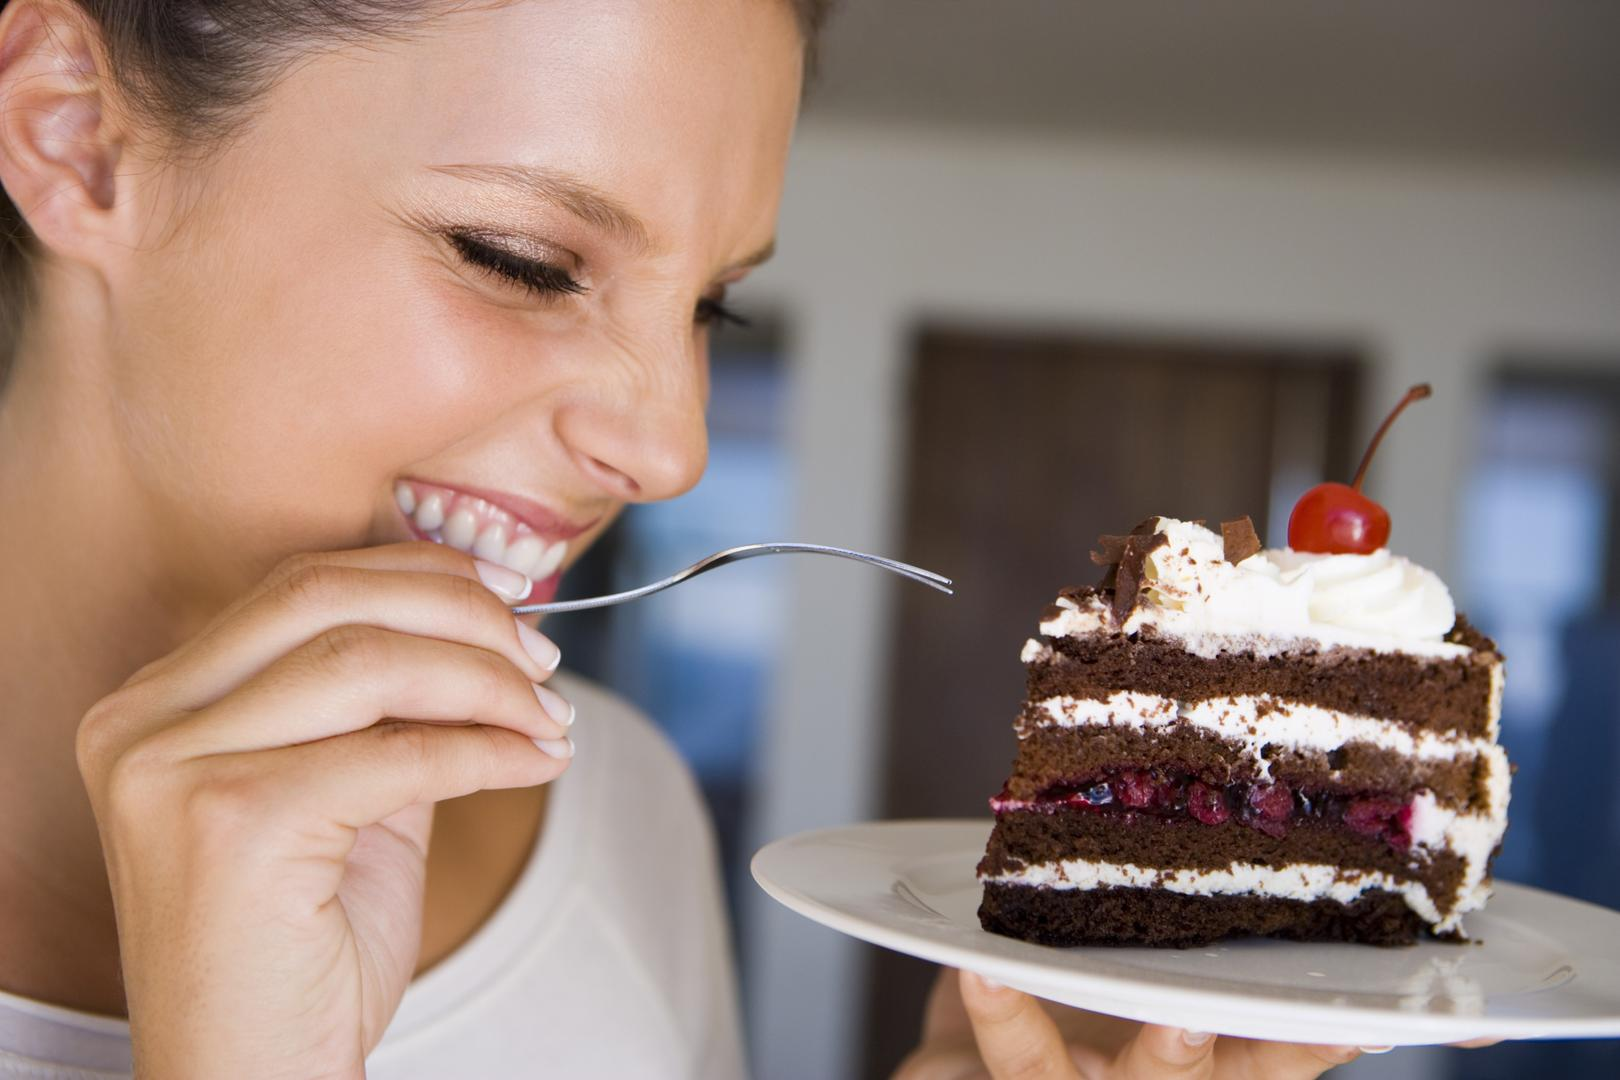 люди которые едят сладкое картинки своим, забудет подобные